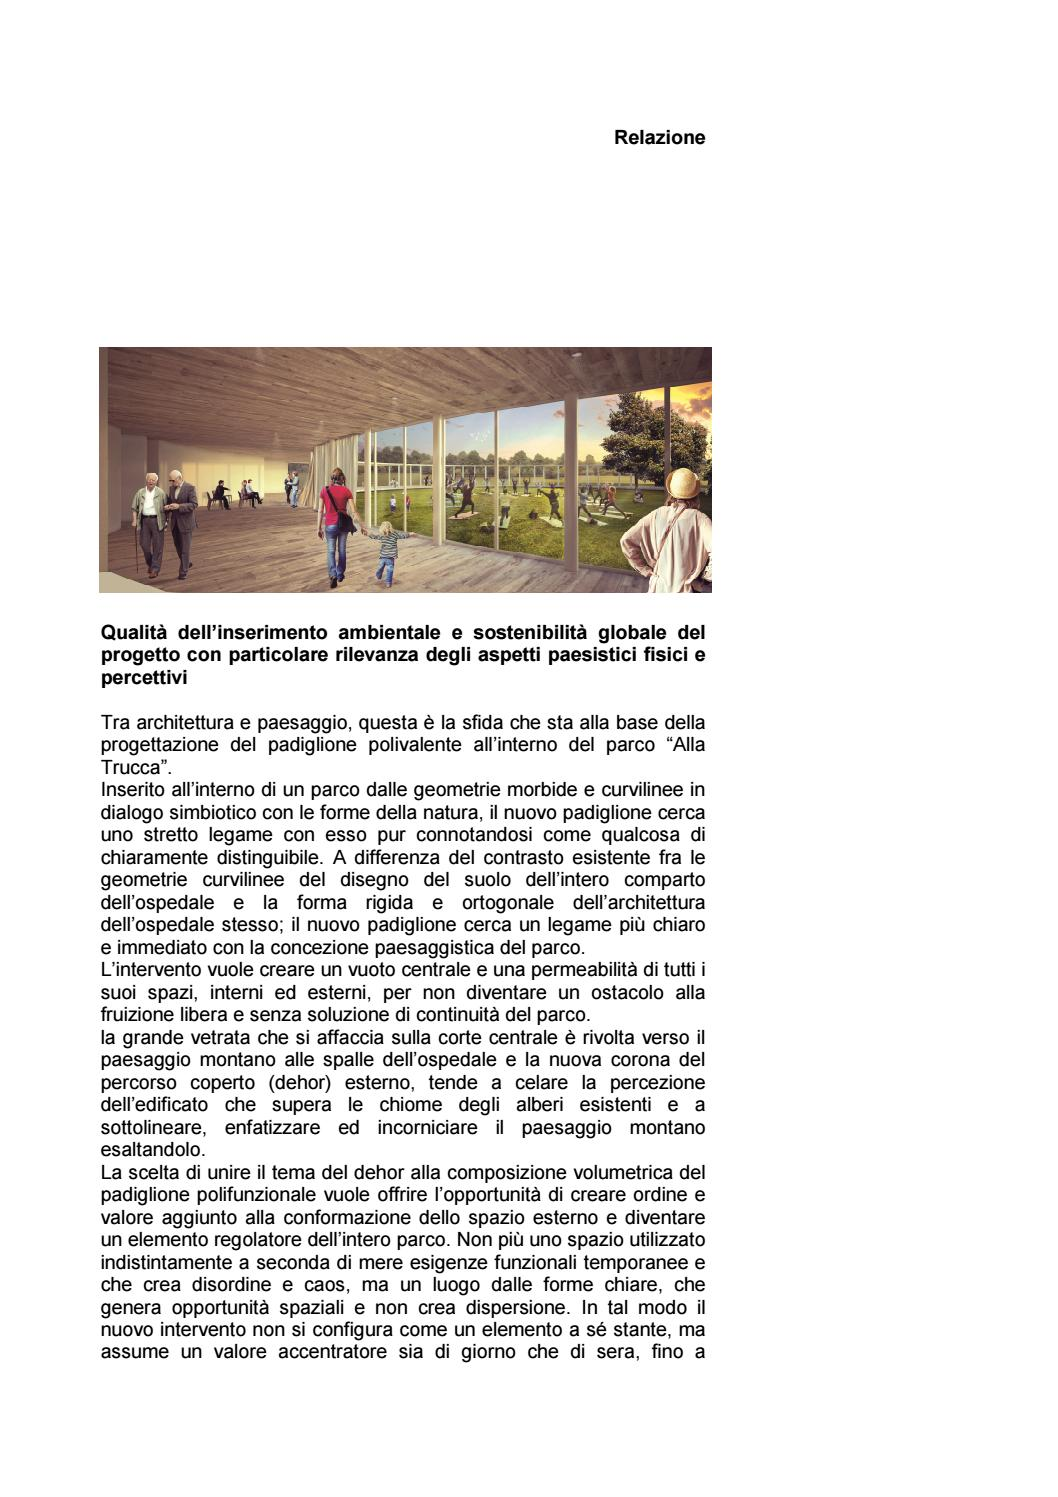 Il progetto del futuro padiglione del parco della trucca for Piani di progettazione del padiglione